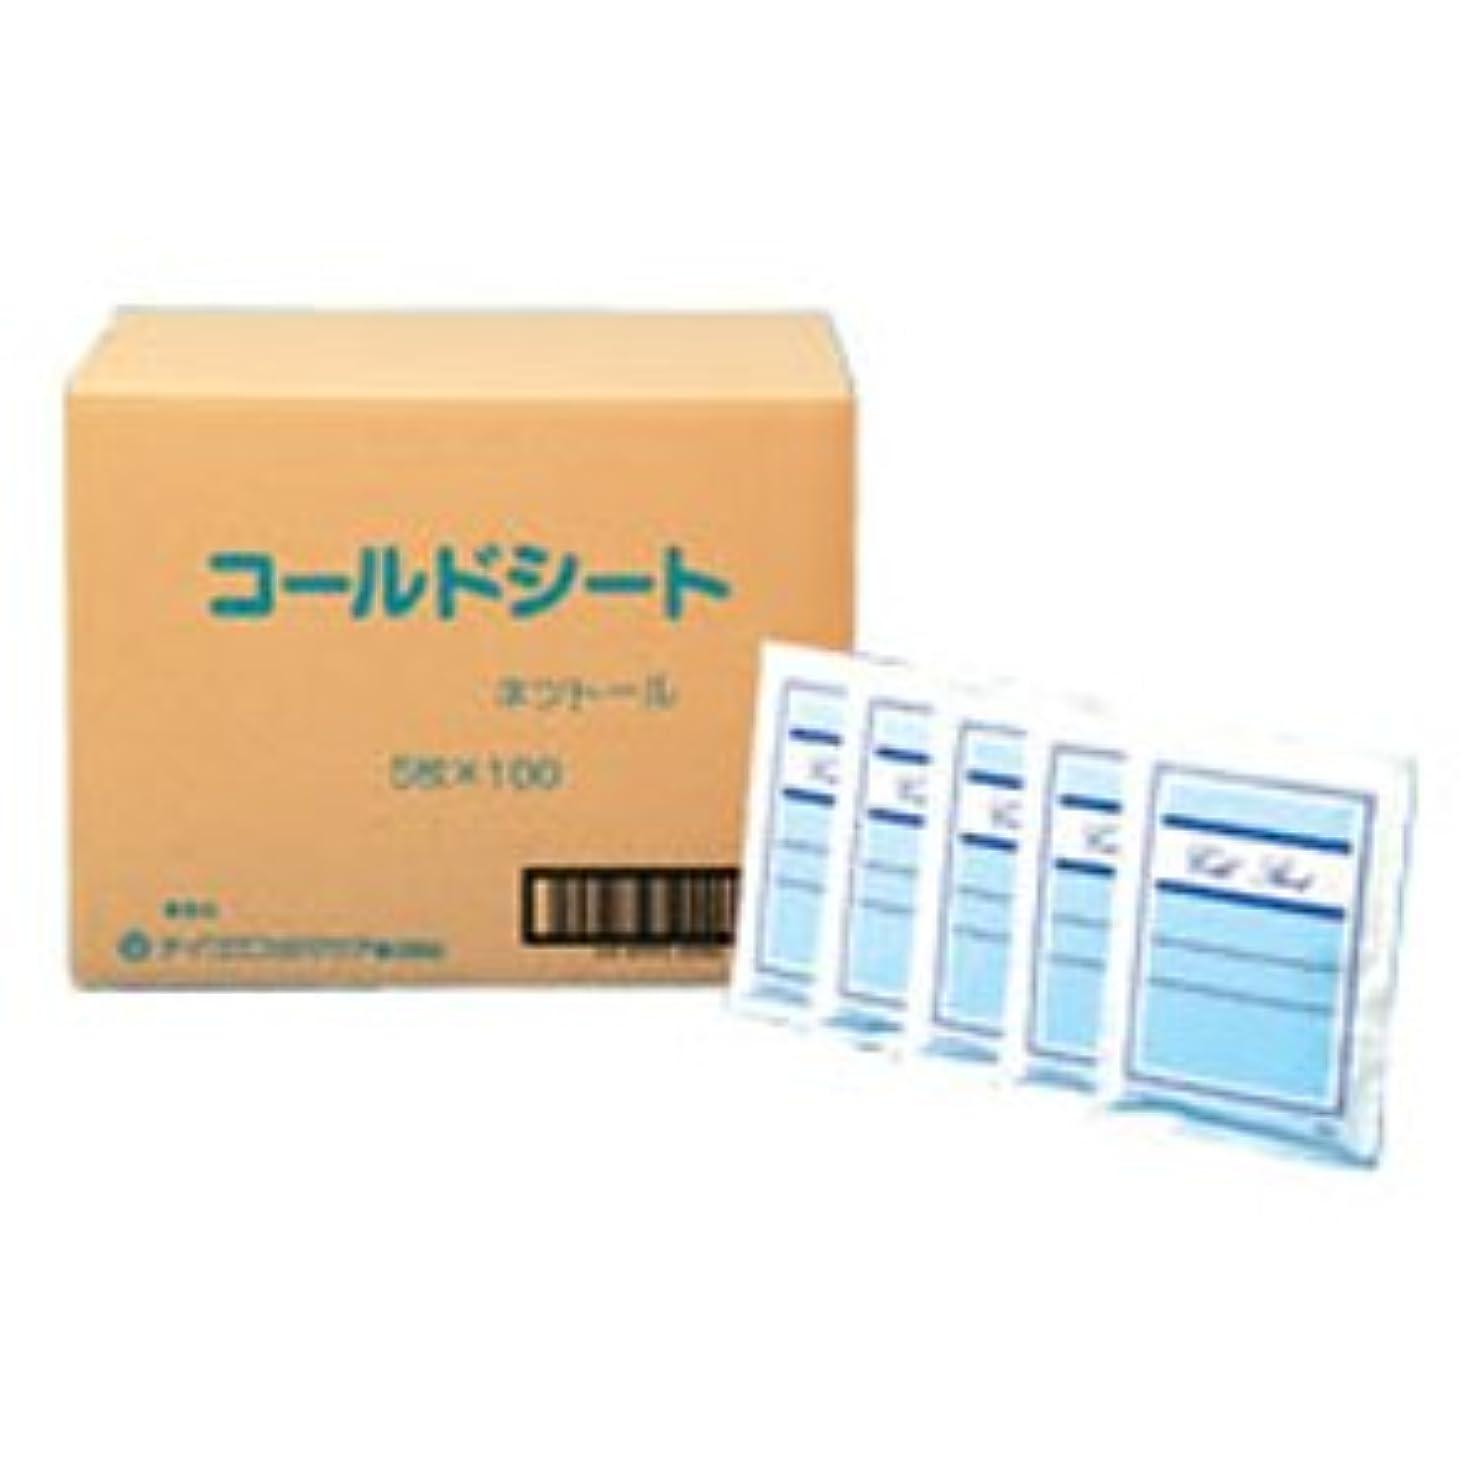 項目シルク副産物(テイコクファルマケア) コールドシート (5枚×3袋入り)